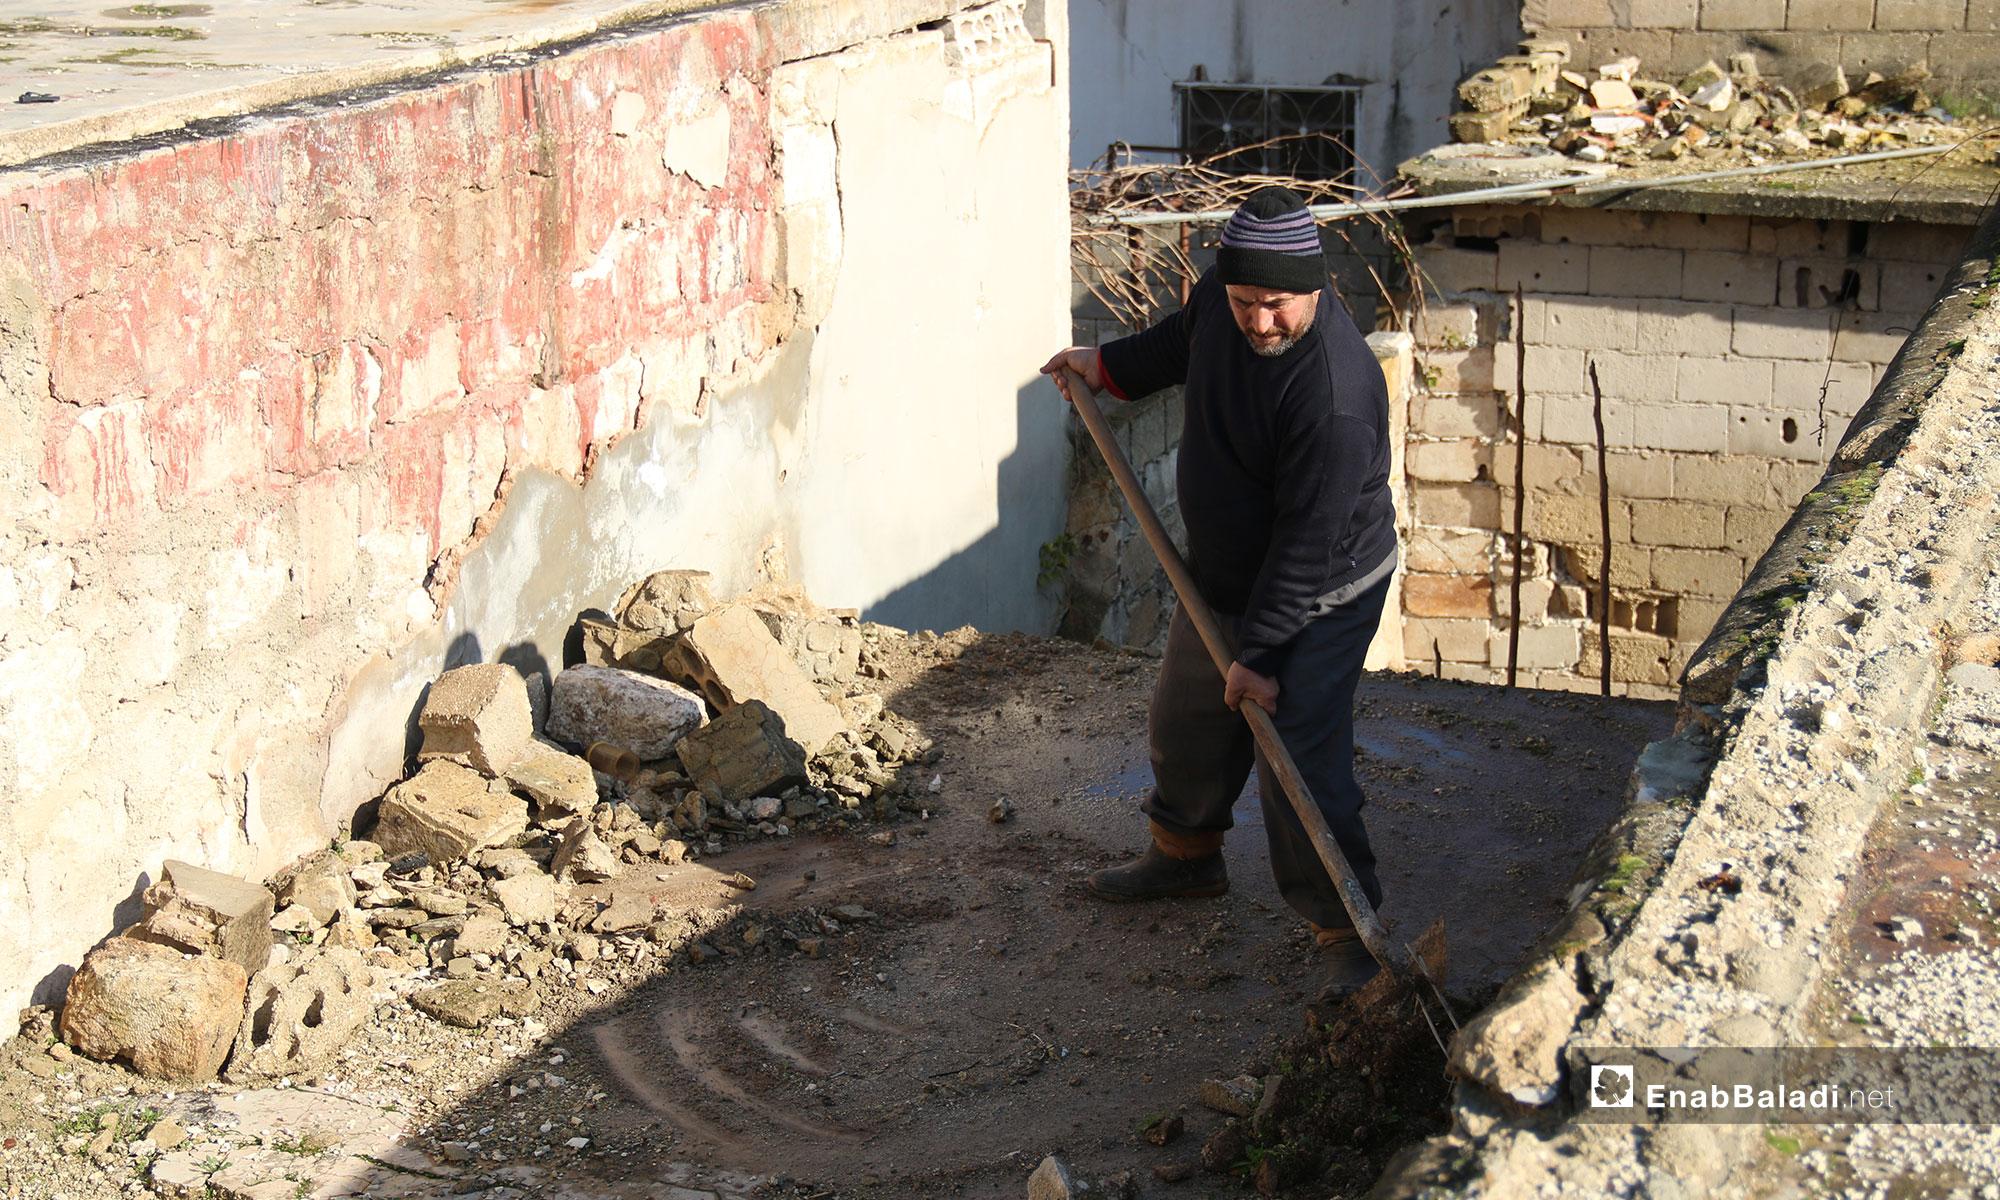 إزالة الركام من سطخ المنزل في بلدة الفوعة - 24 من كانون الأول 2018 (عنب بلدي)